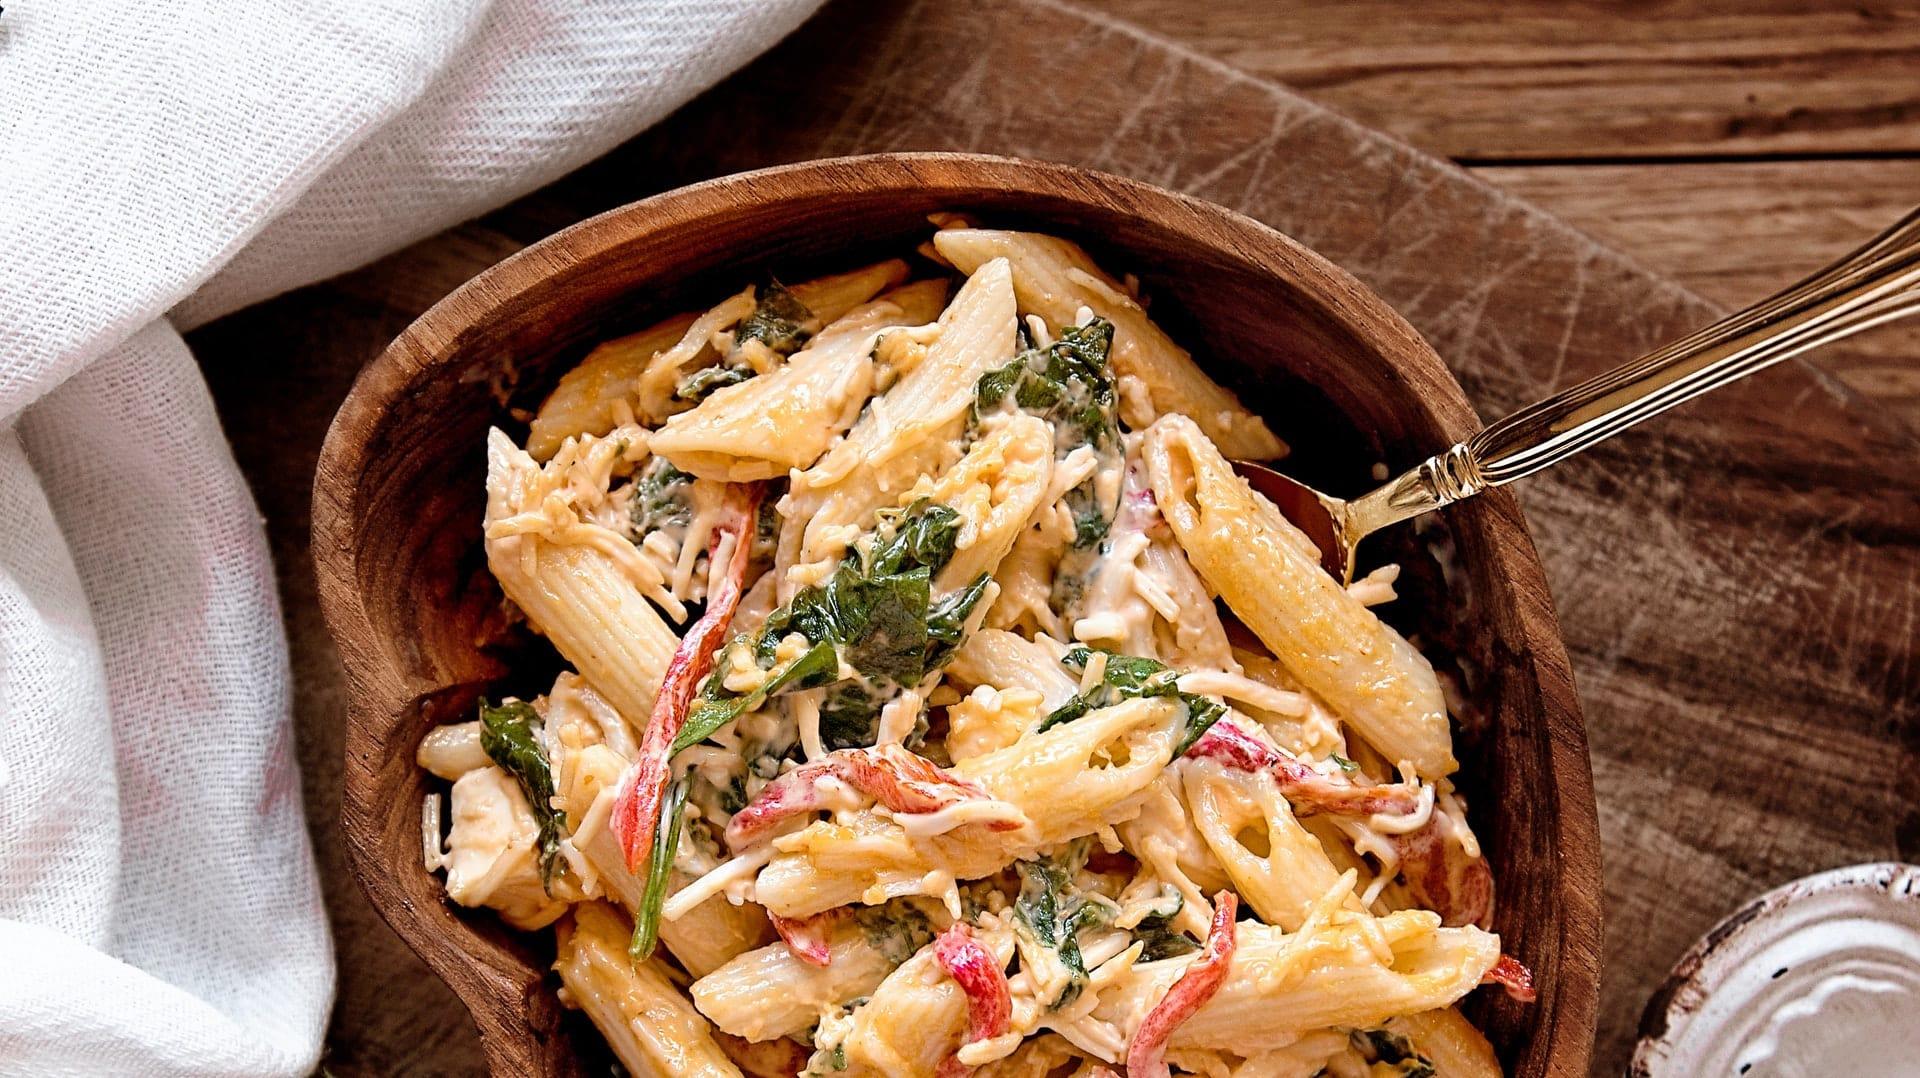 pasta salad with tzatziki sauce